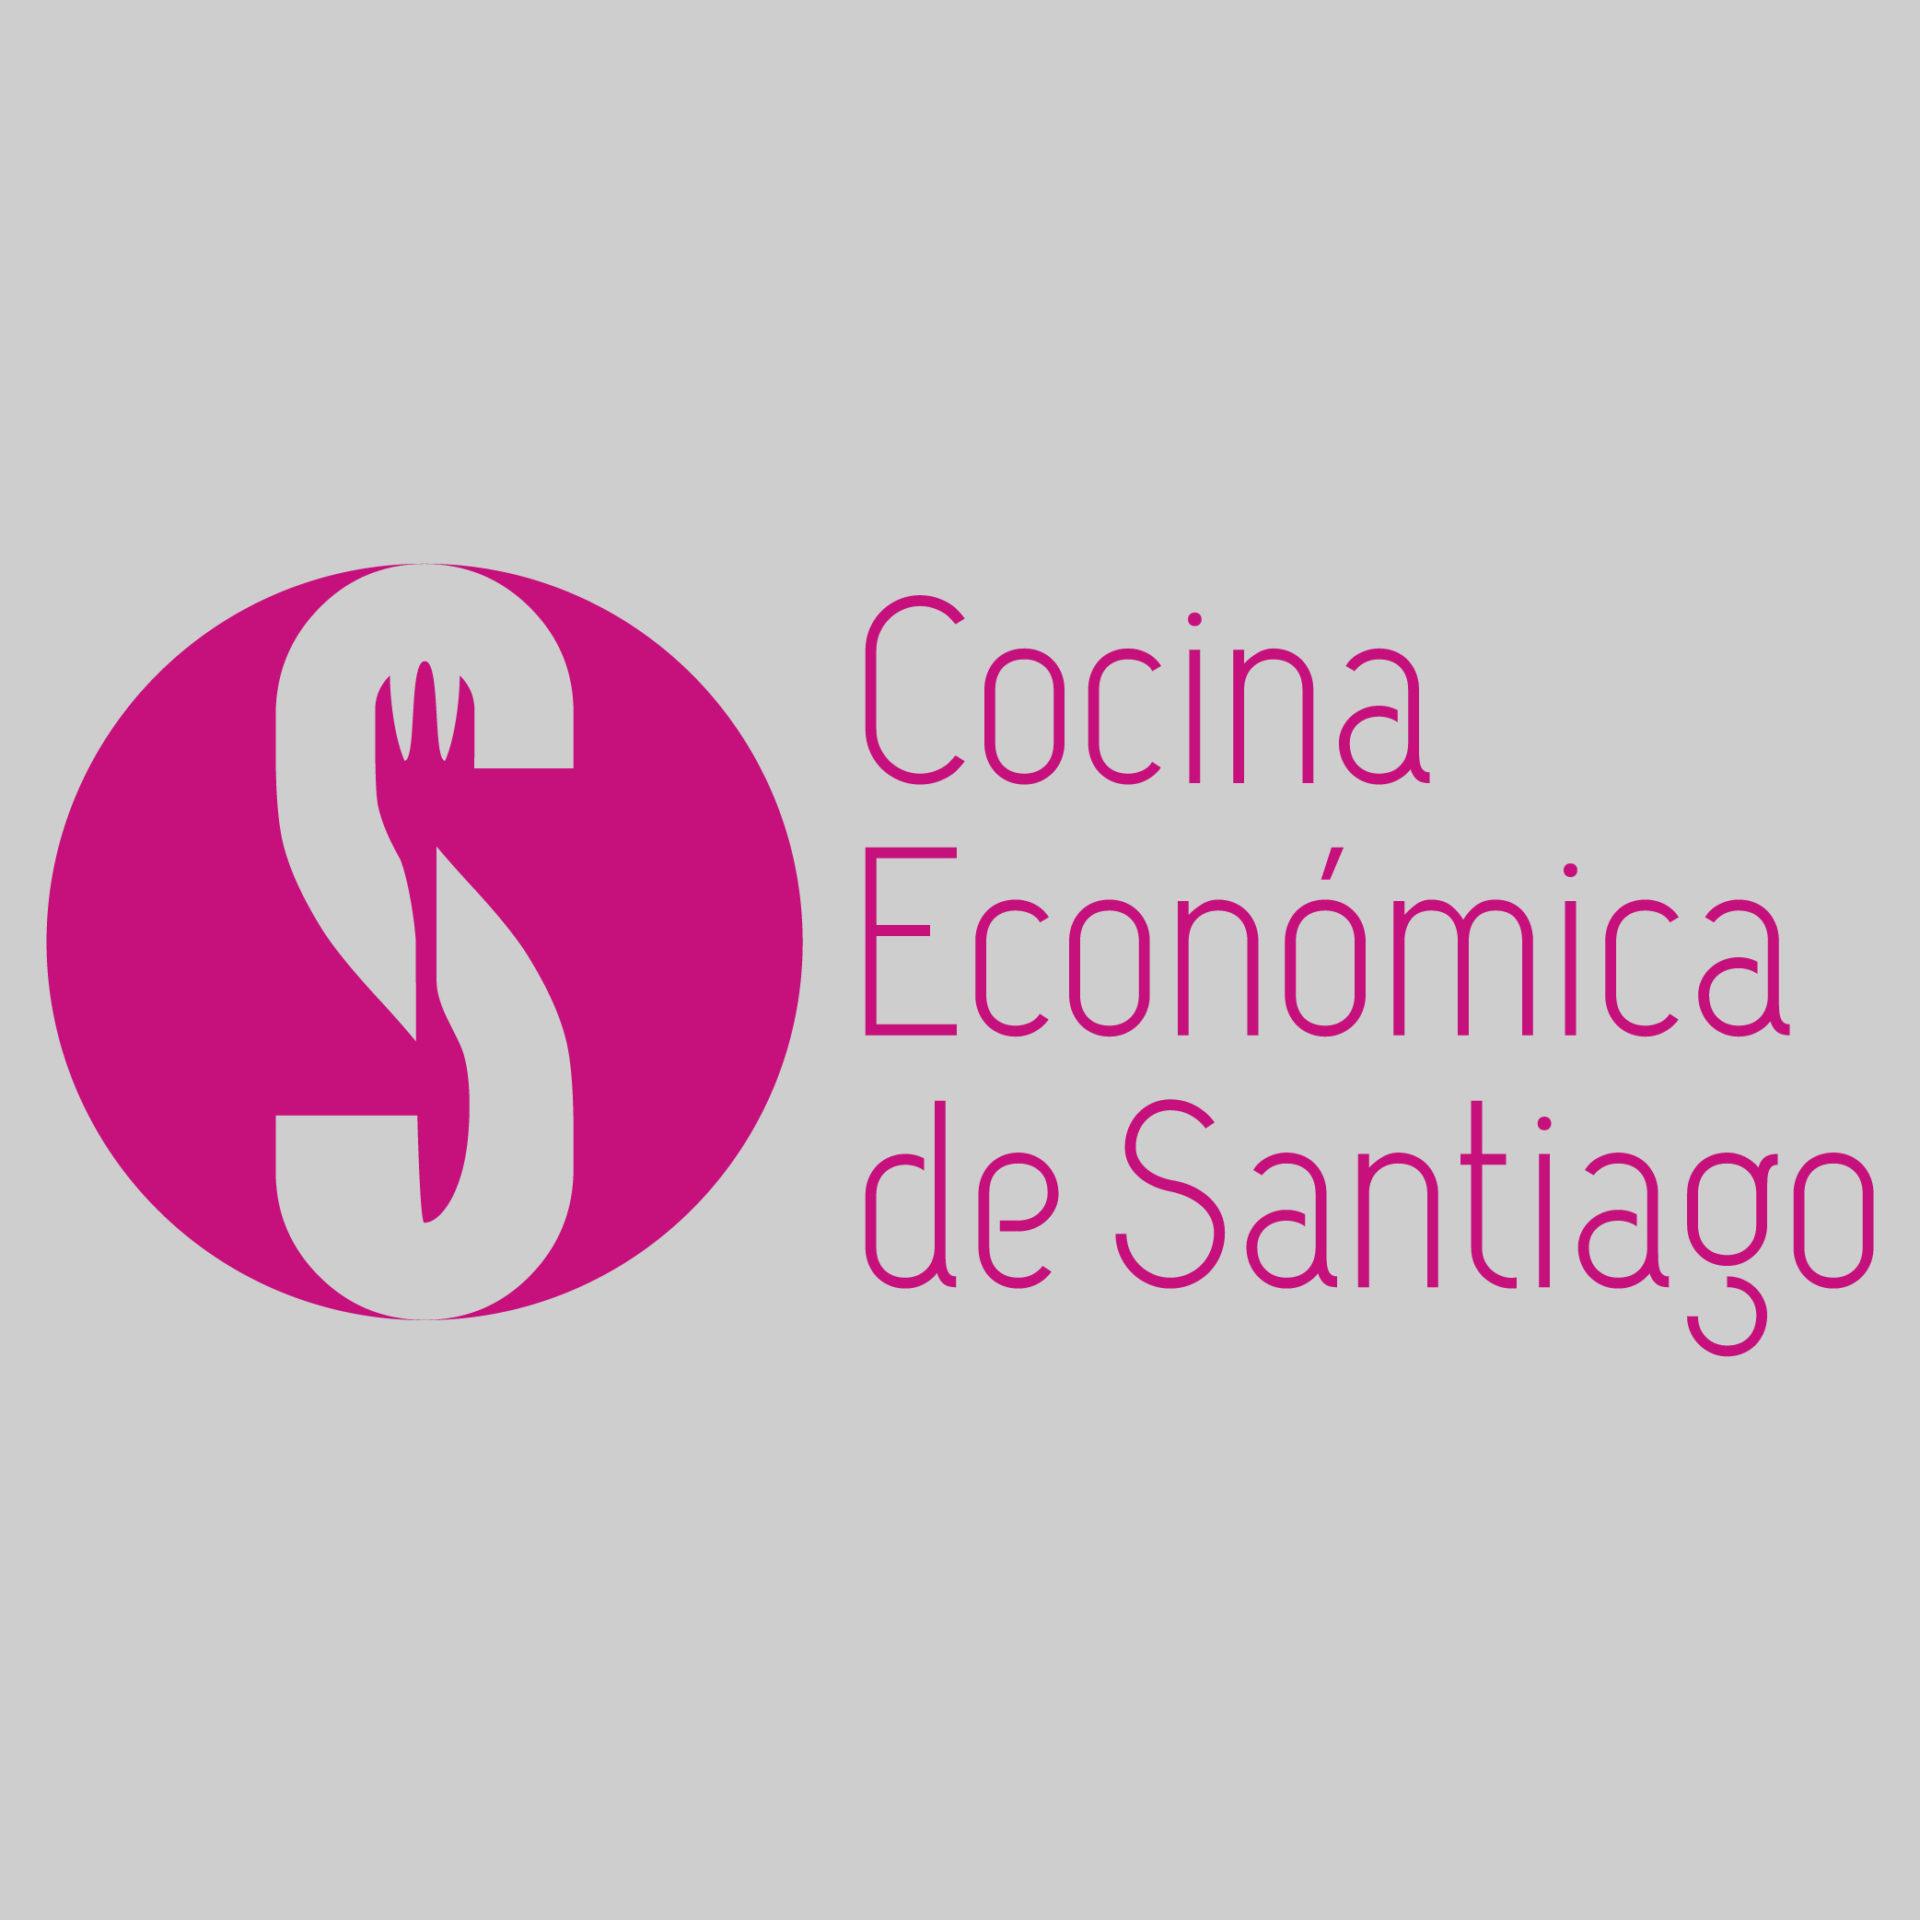 COCINA ECONOMICA DE SANTIAGO